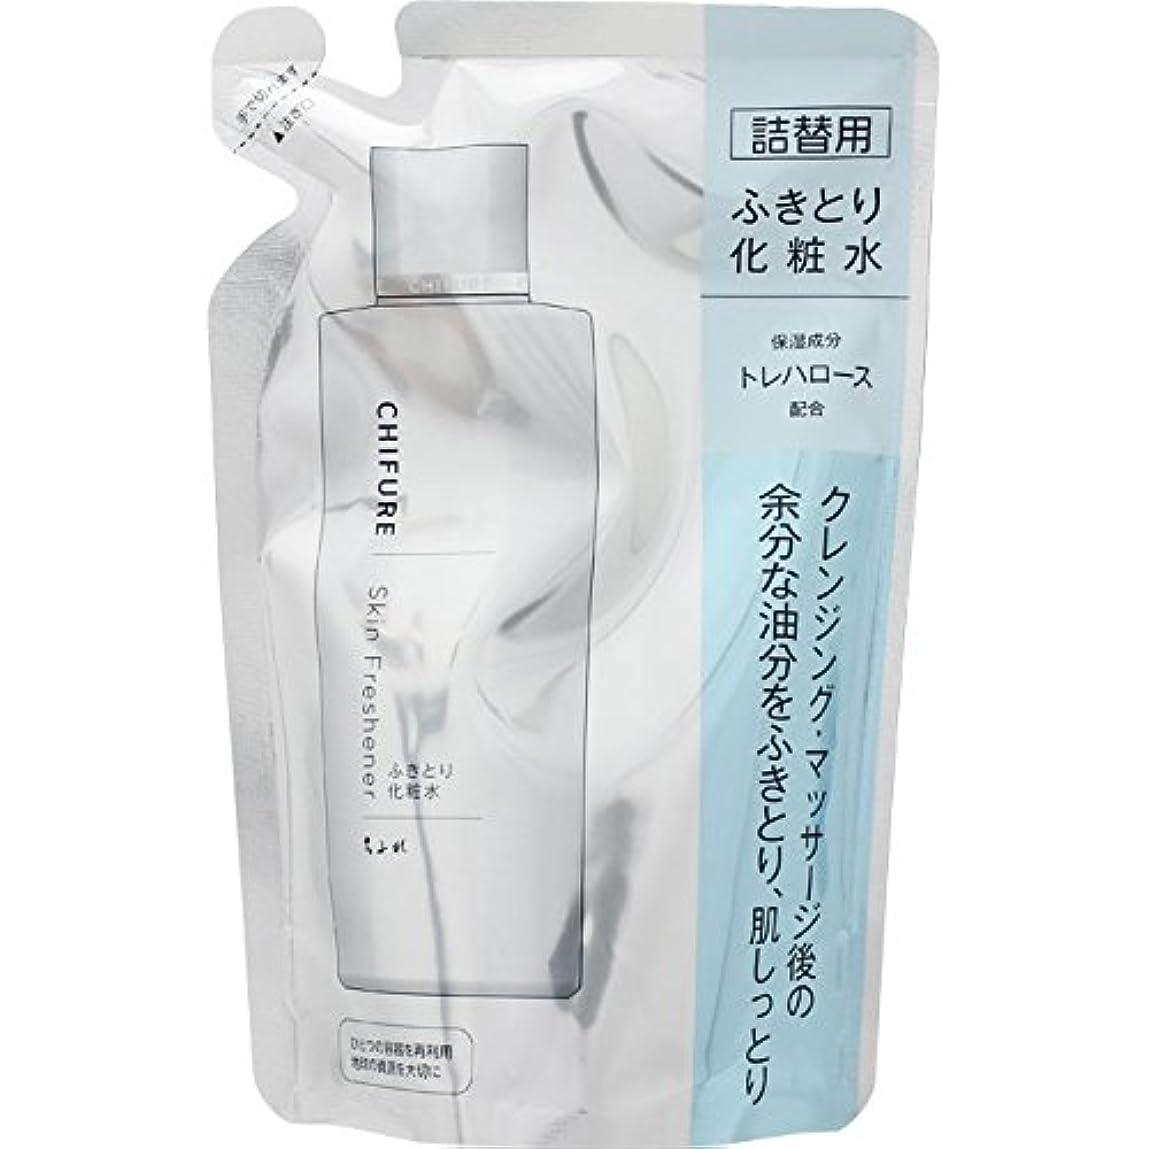 背の高い元のおんどりちふれ化粧品 ふきとり化粧水 詰替用 150ML